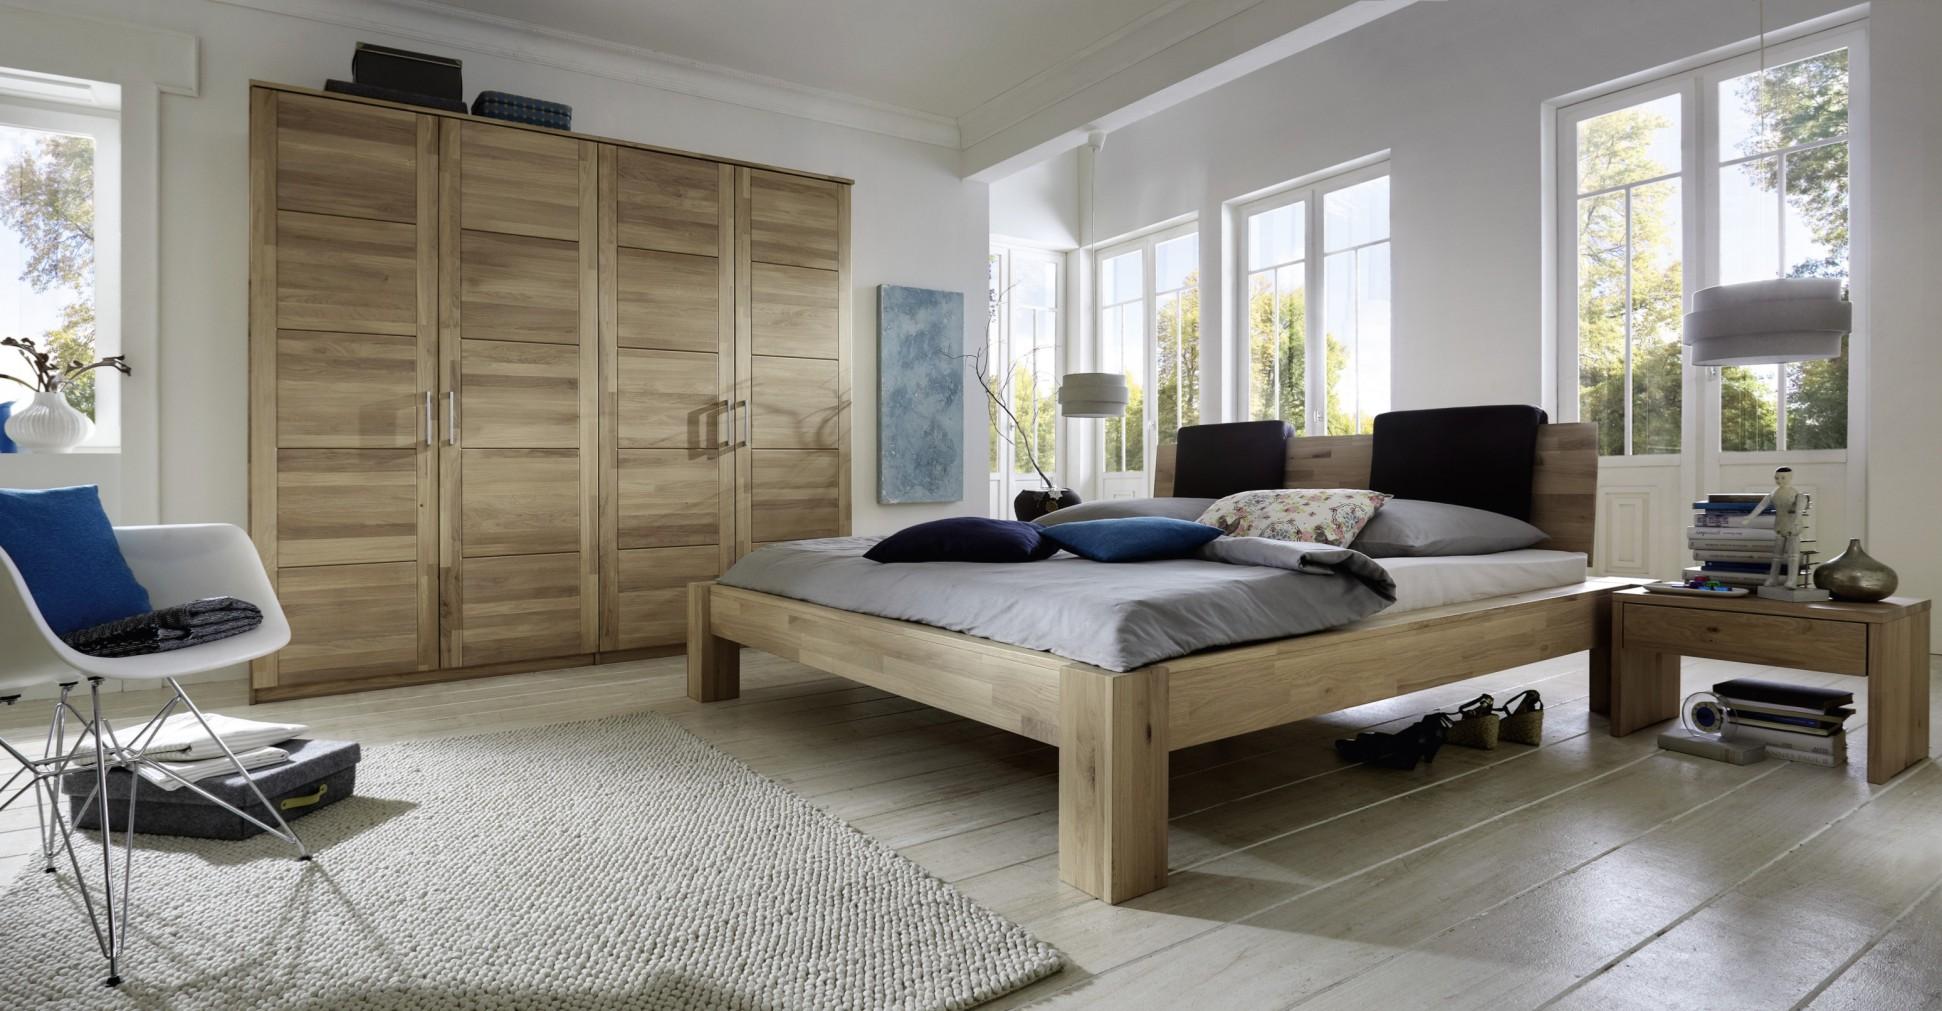 Full Size of überbau Schlafzimmer Modern Massivholz Naturbelassene Massivholzbetten Weiss Deckenleuchte Schränke Rauch Landhausstil Weiß Landhaus Set Günstig Günstige Wohnzimmer überbau Schlafzimmer Modern